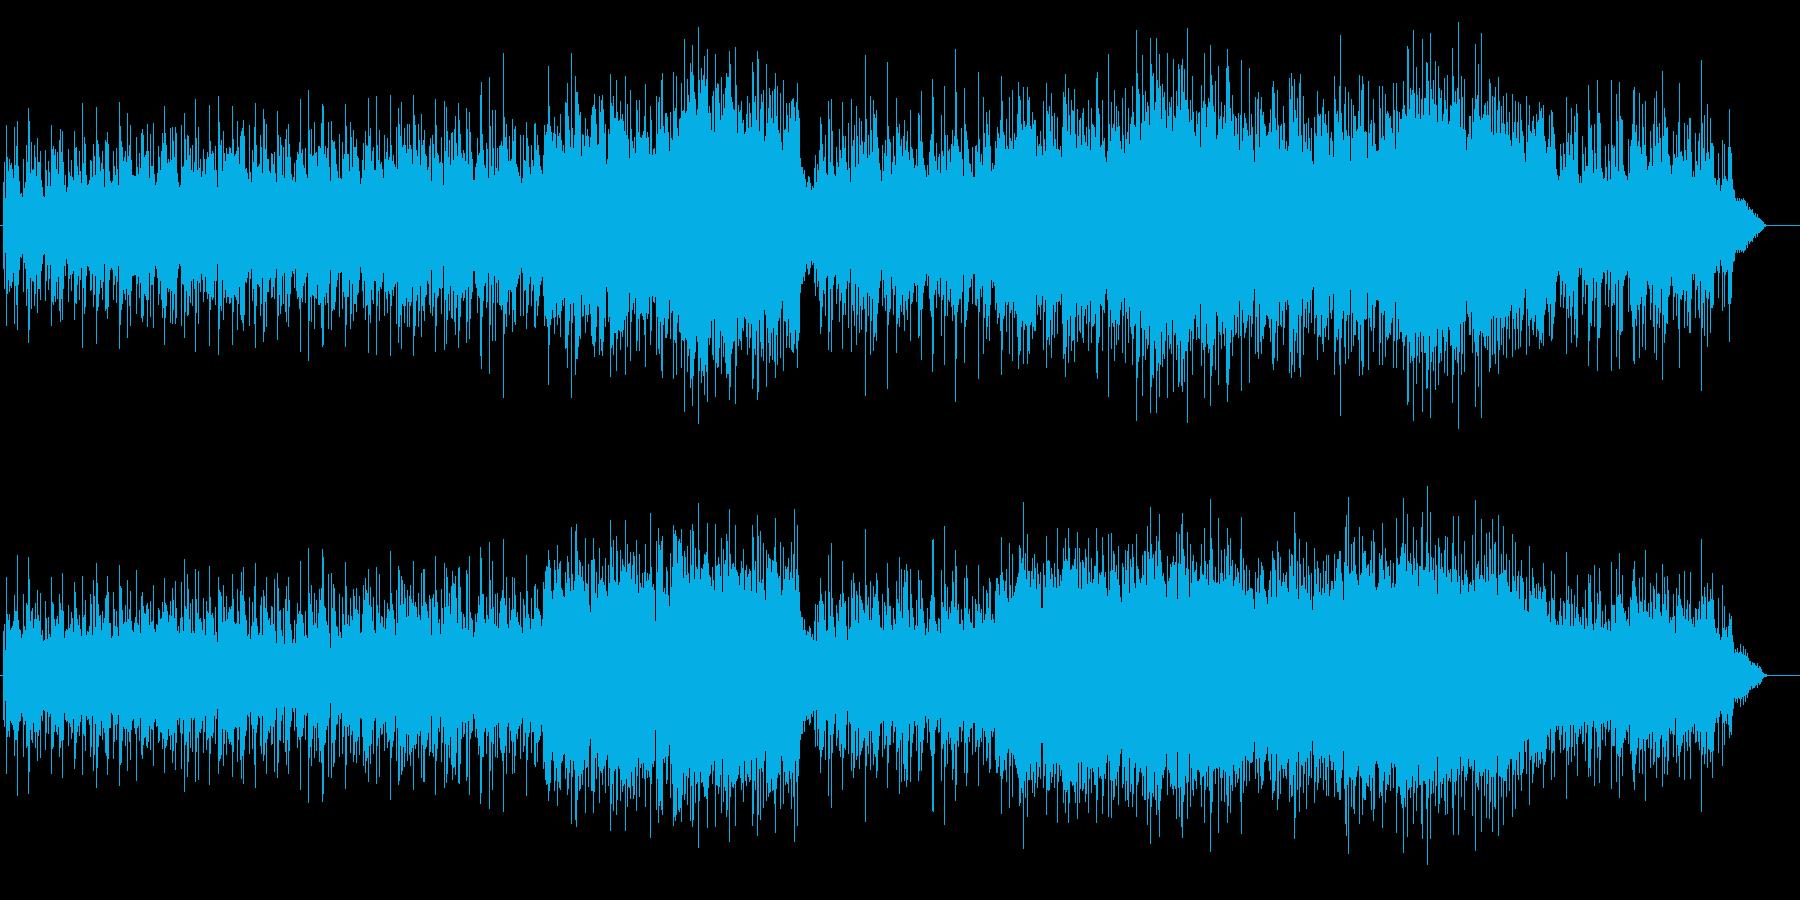 ソフトでしっとりしたフローリングバラードの再生済みの波形